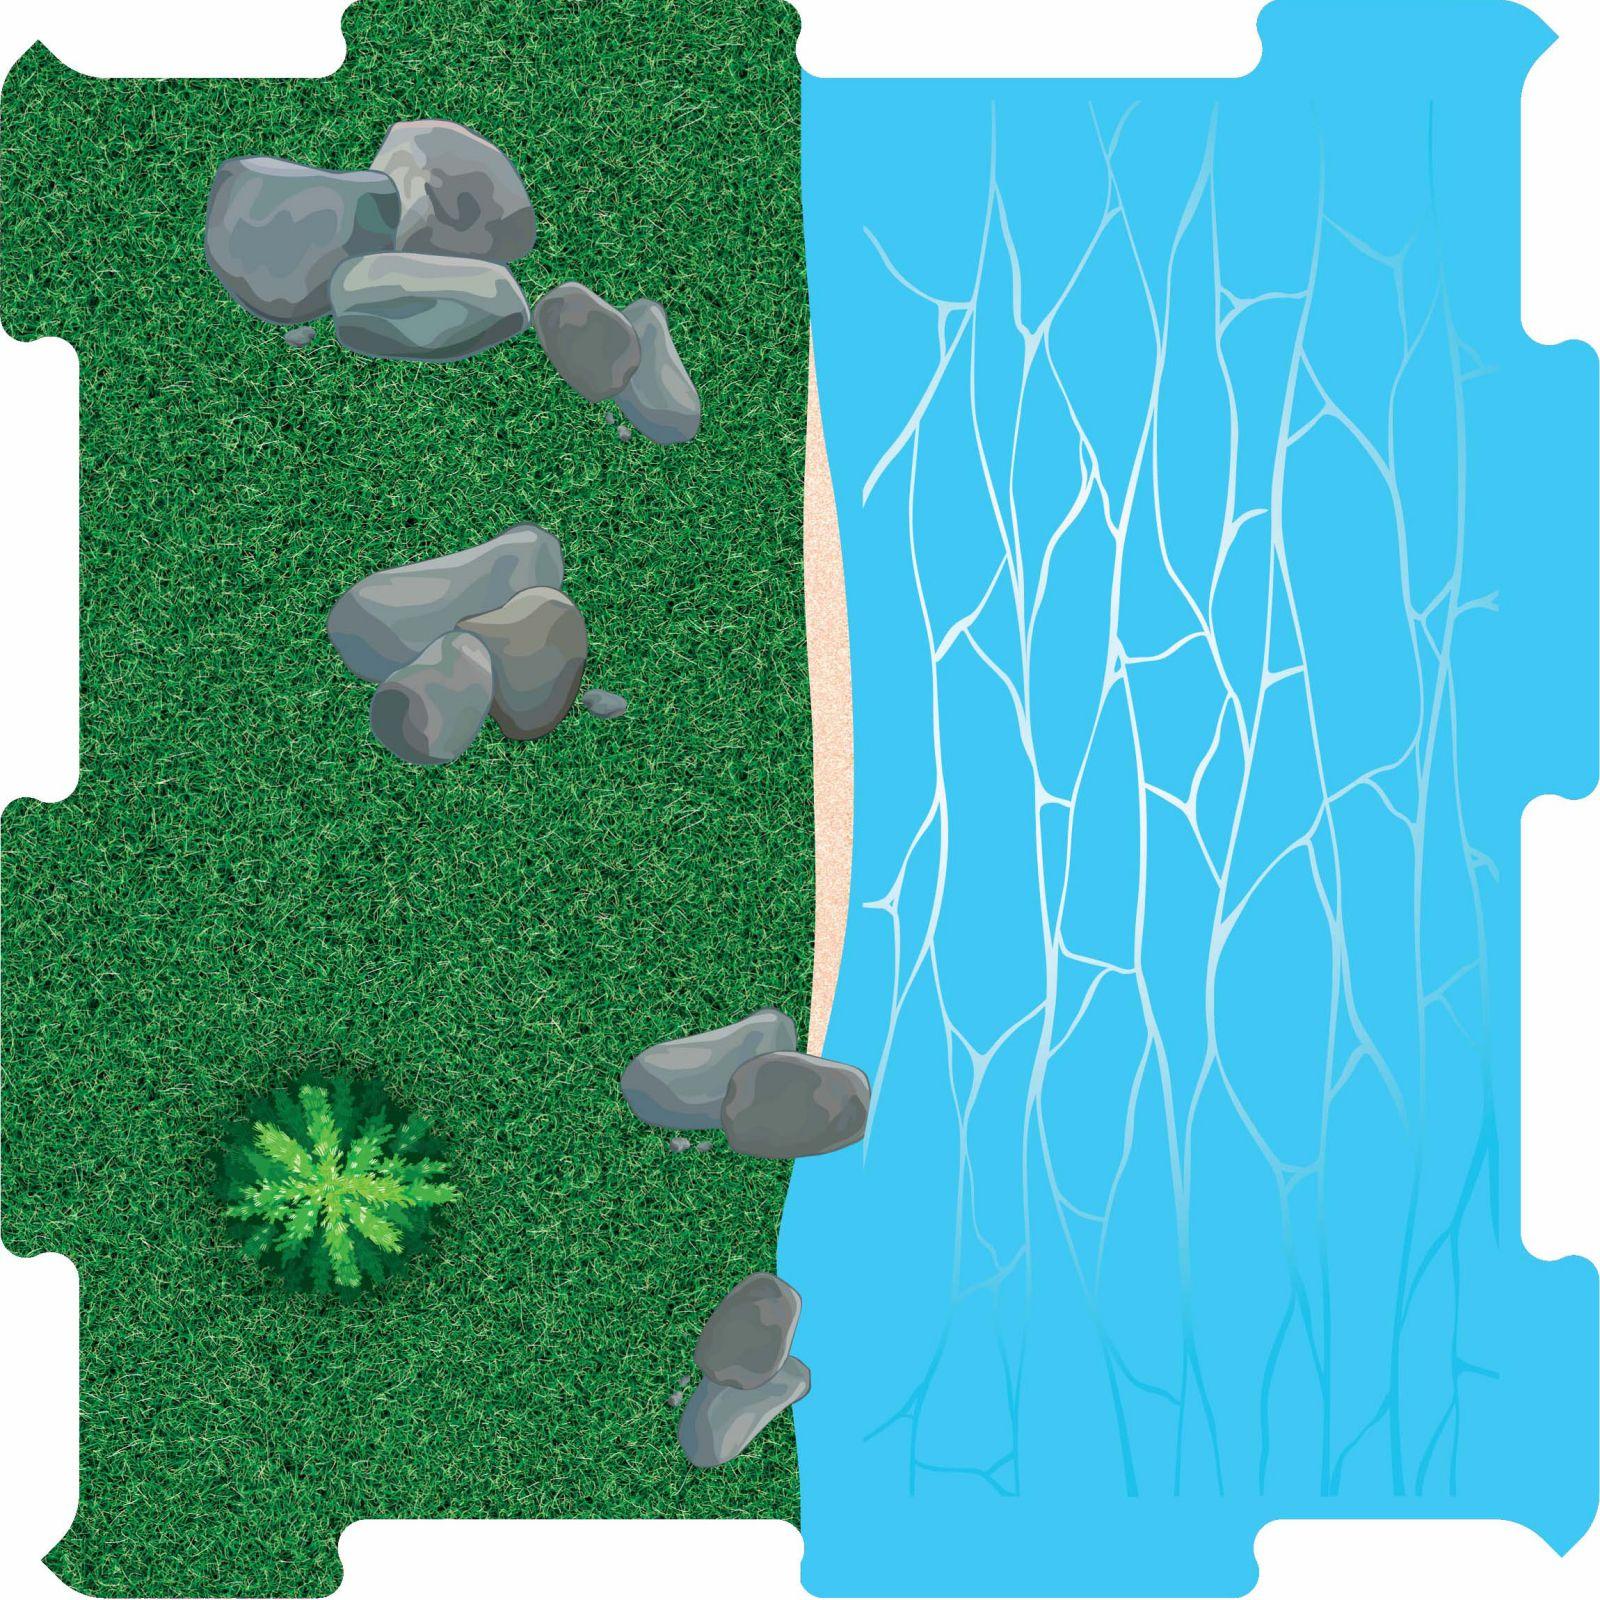 Podlahove puzzle vodni plocha pobrezi 1